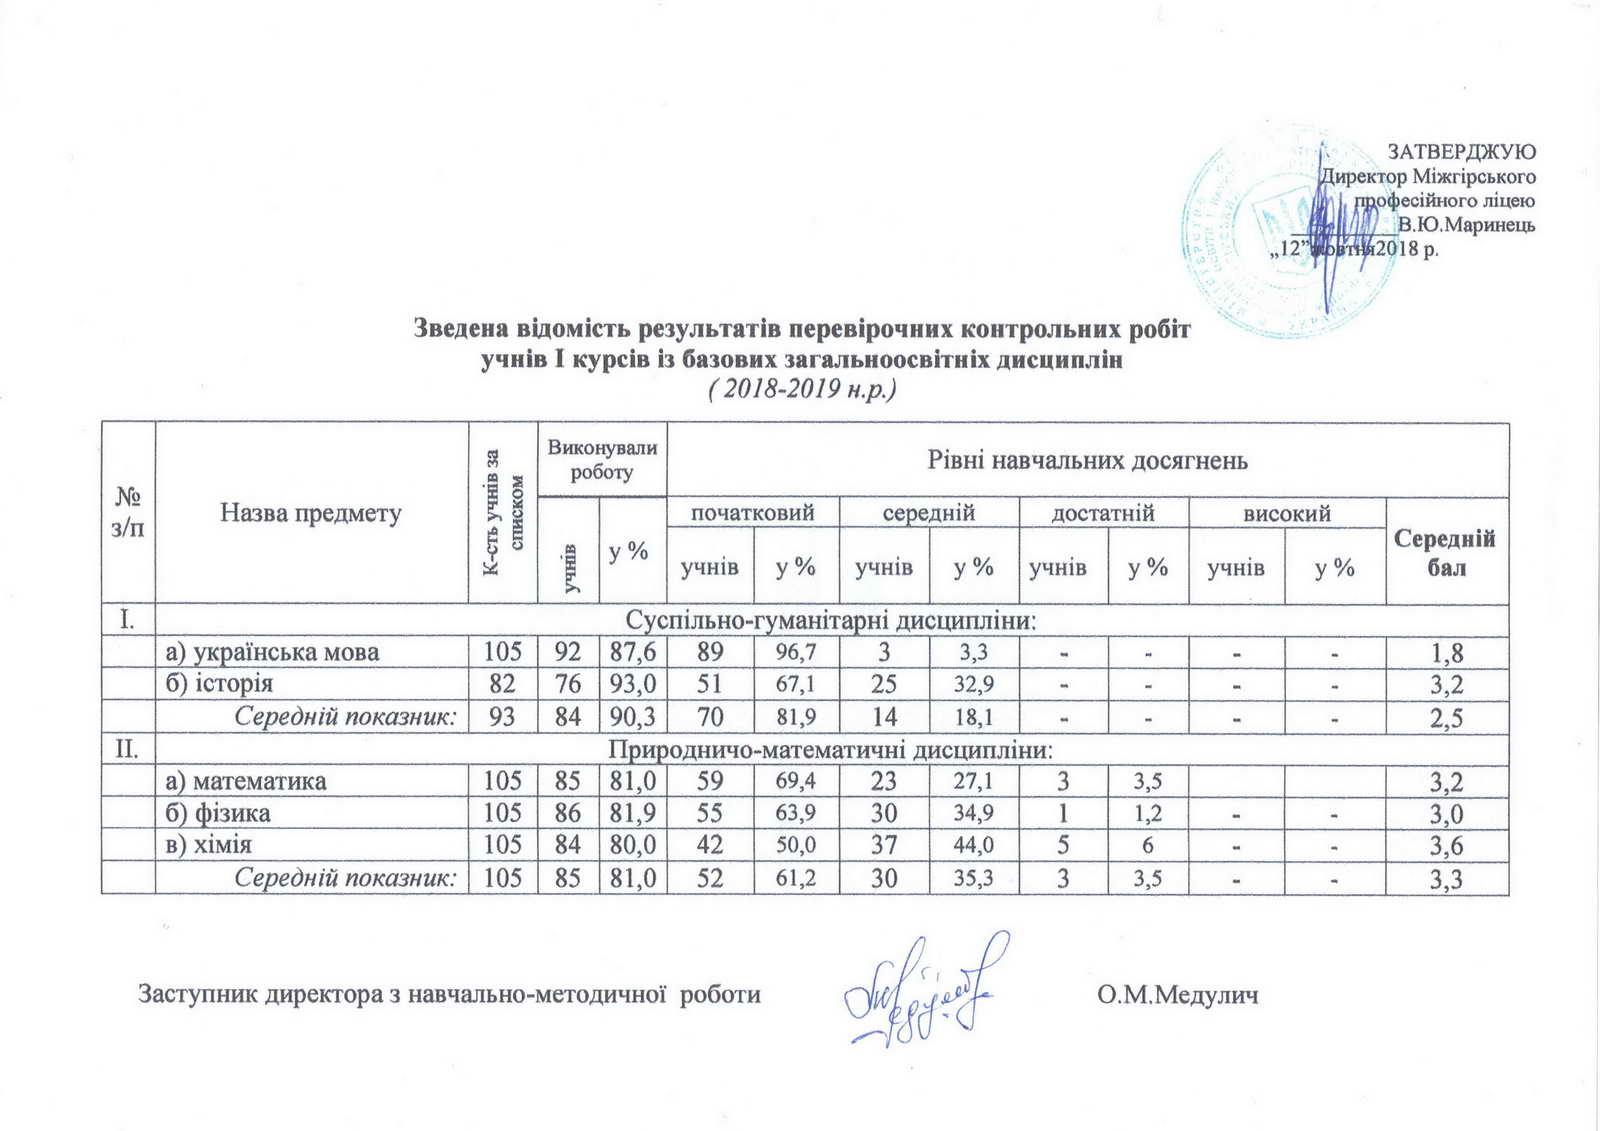 Зведена відомість результатів перевірочних робіт учнів І курсів із базових загальноосвітніх дисциплін